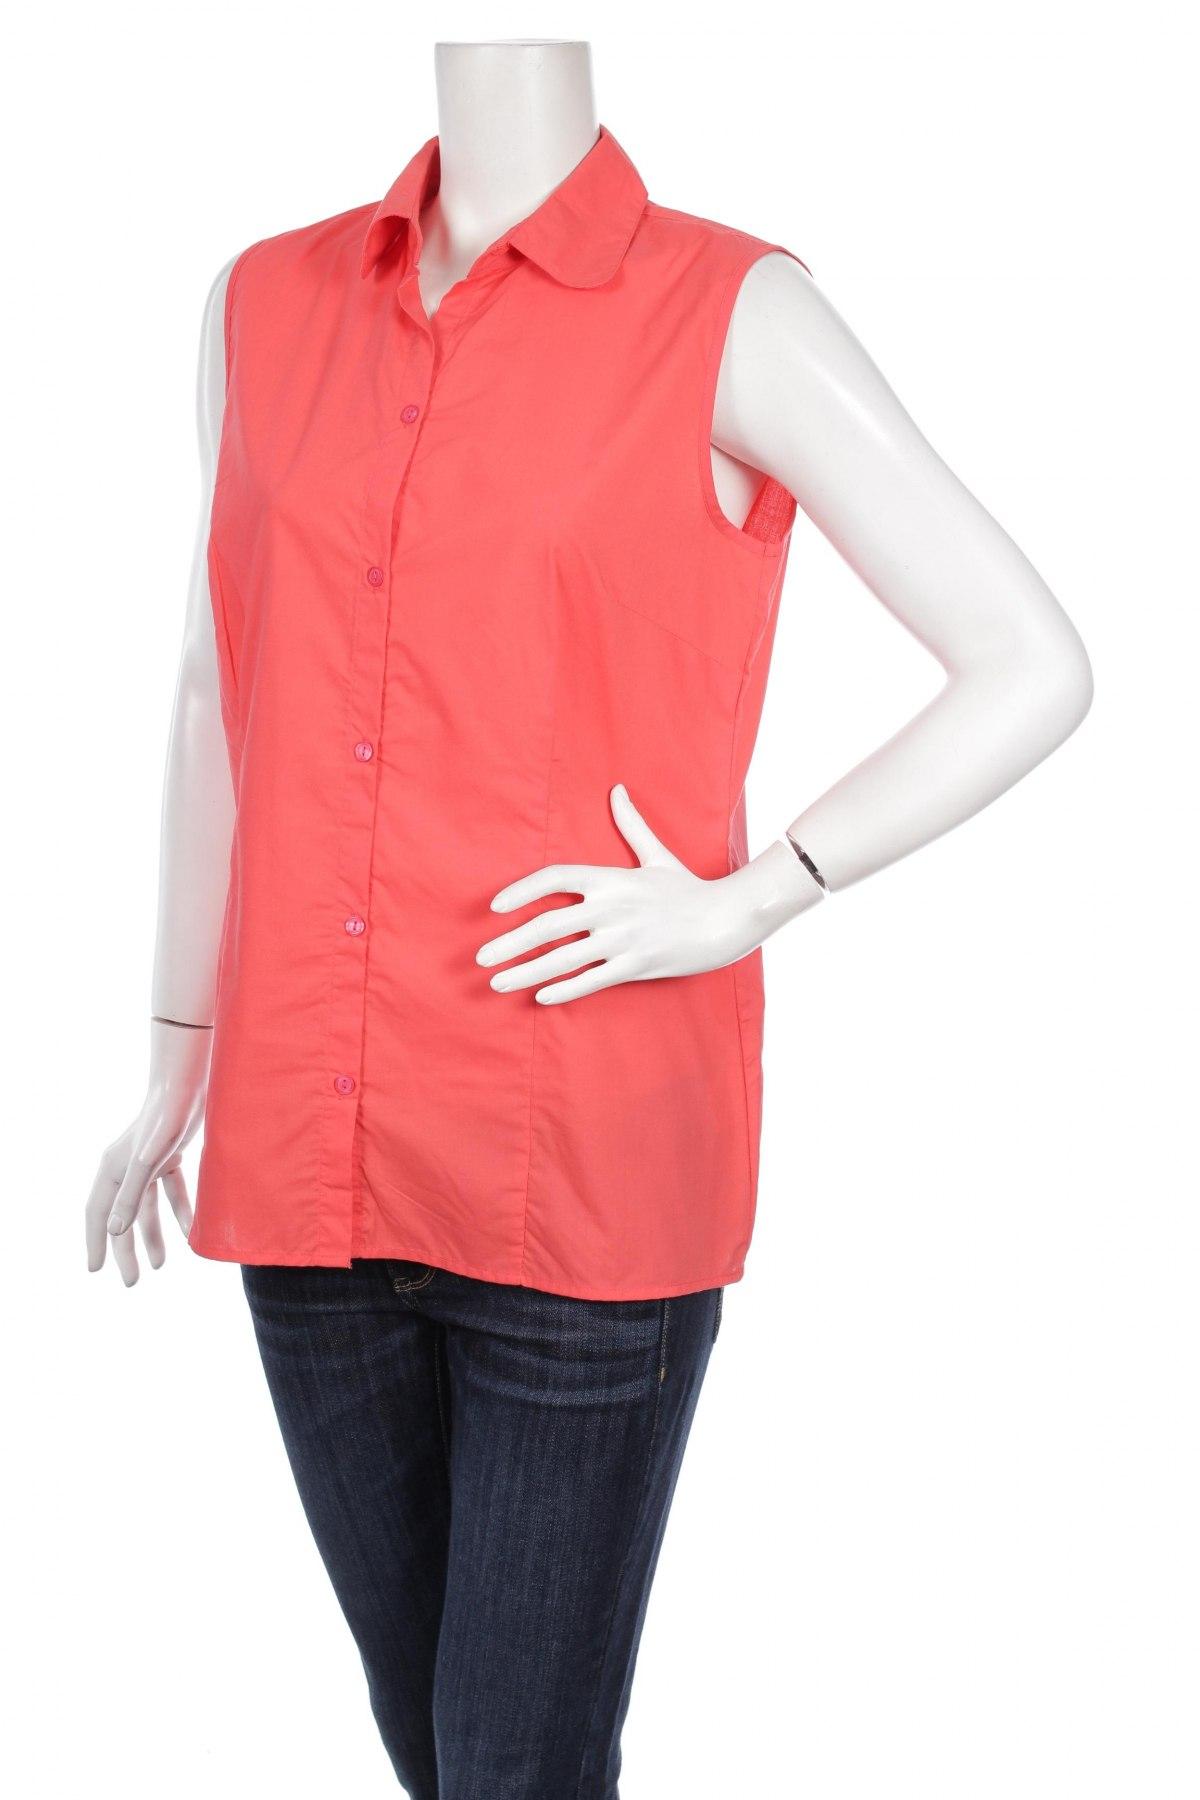 Γυναικείο πουκάμισο, Μέγεθος M, Χρώμα Κόκκινο, 65% πολυεστέρας, 35% βαμβάκι, Τιμή 9,90€